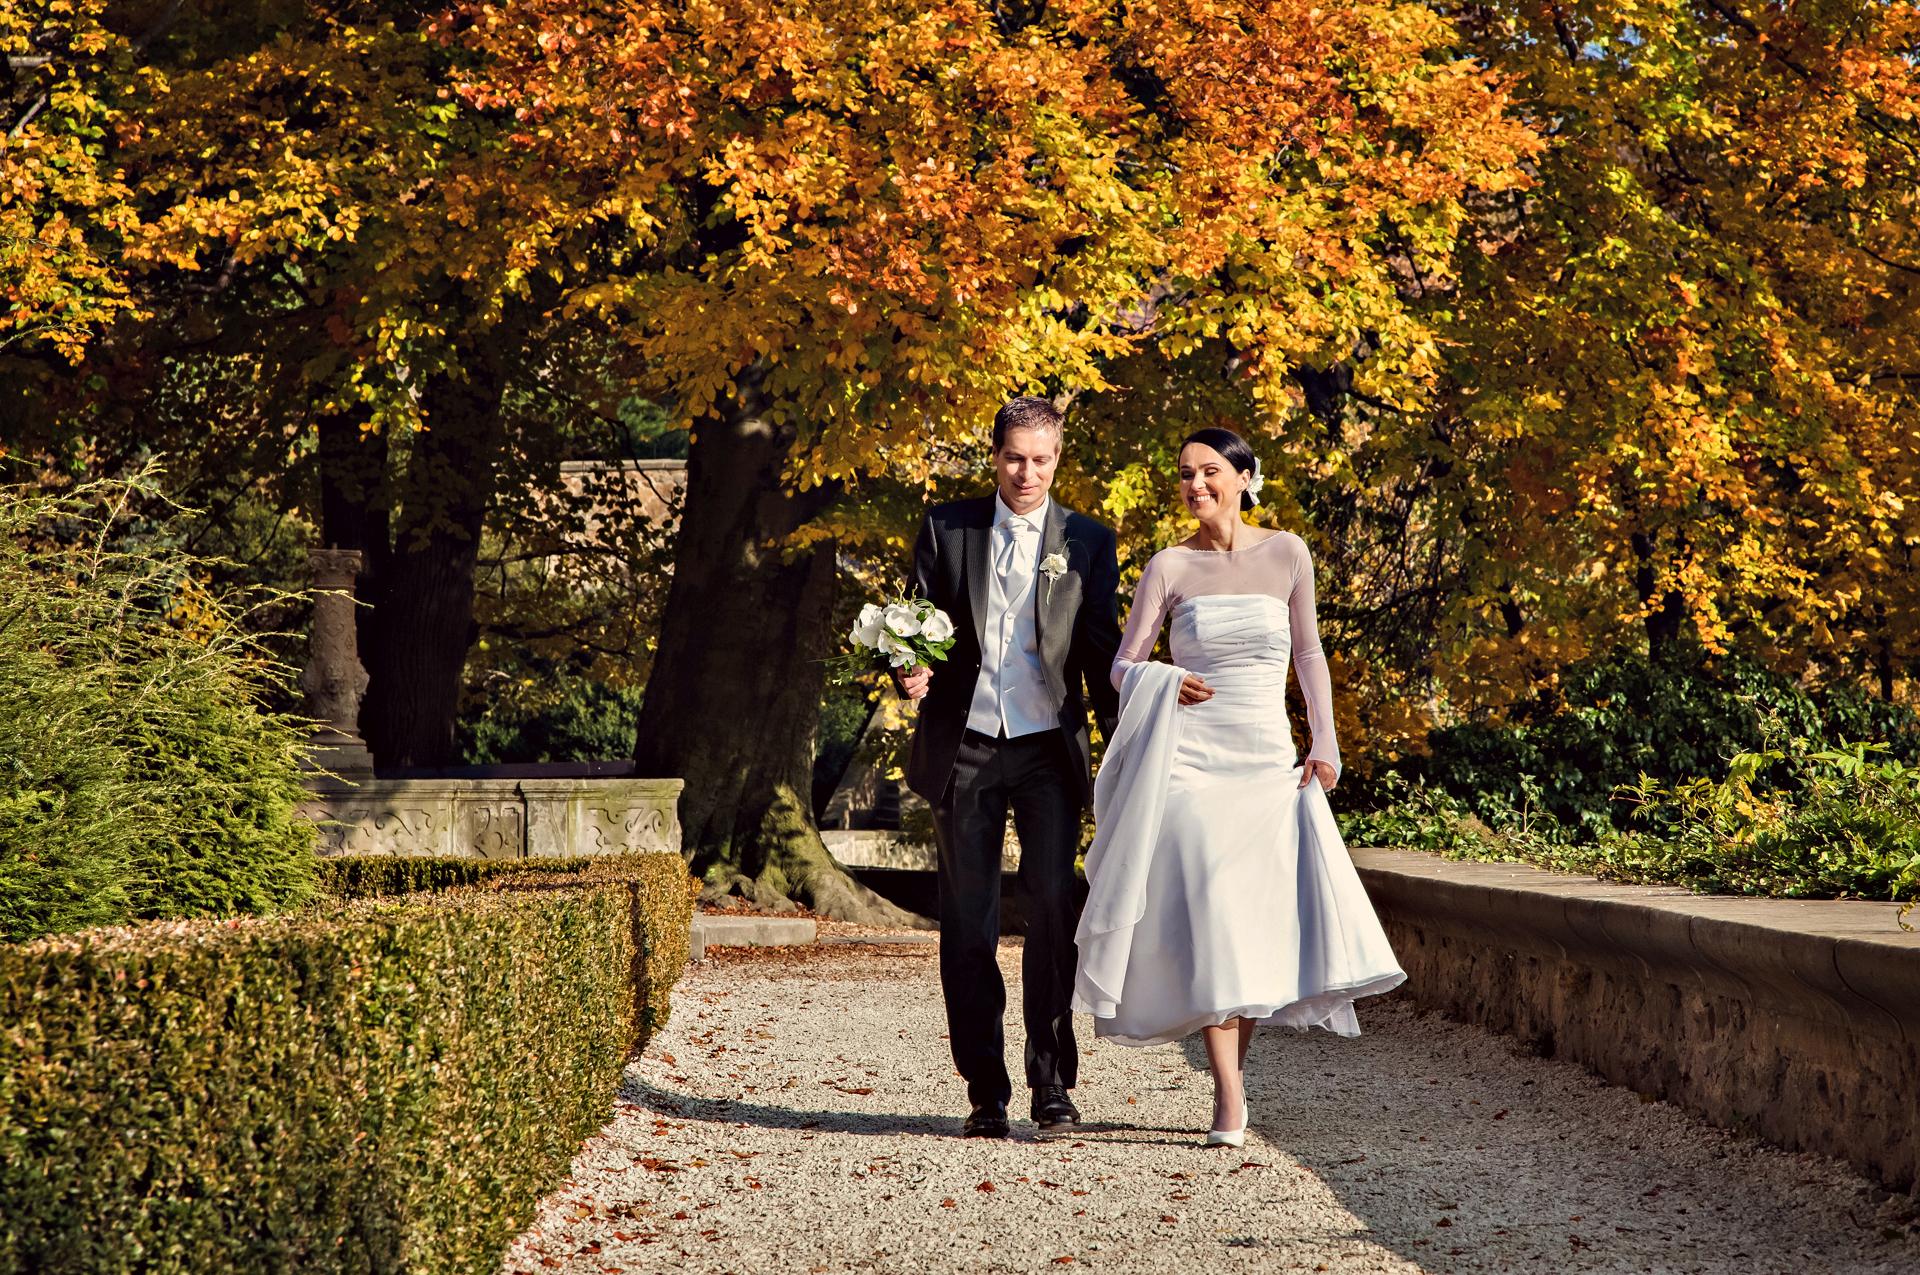 fotograf wałbrzych 13 Plener Oli & Olafa w Zamek Książ